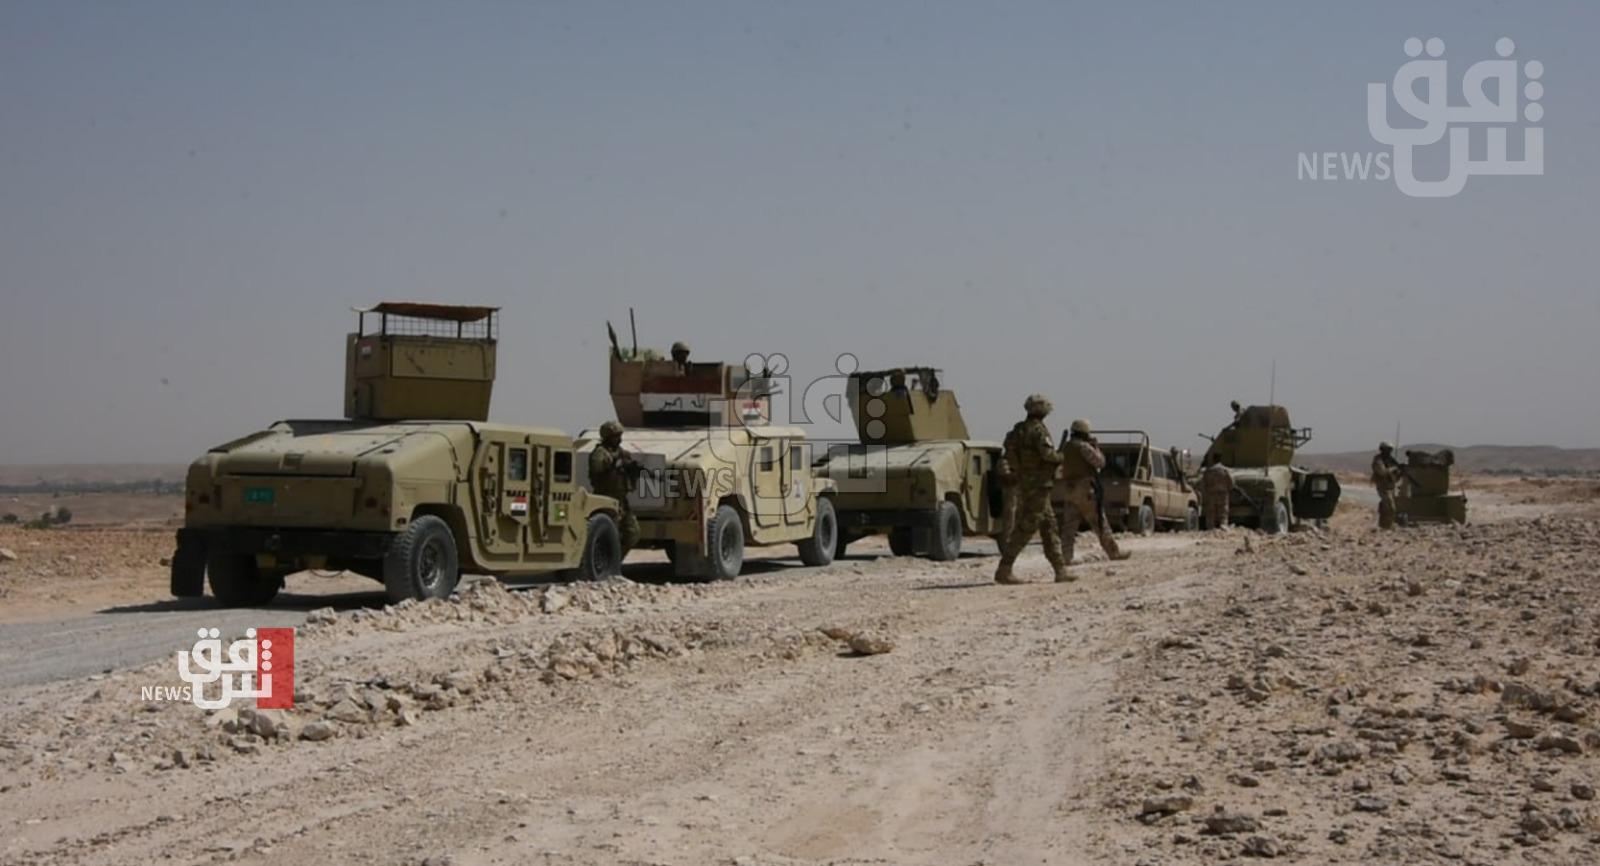 القوات العراقية تشرع بعملية أمنية على الحدود السعودية هي الاولى منذ 2016